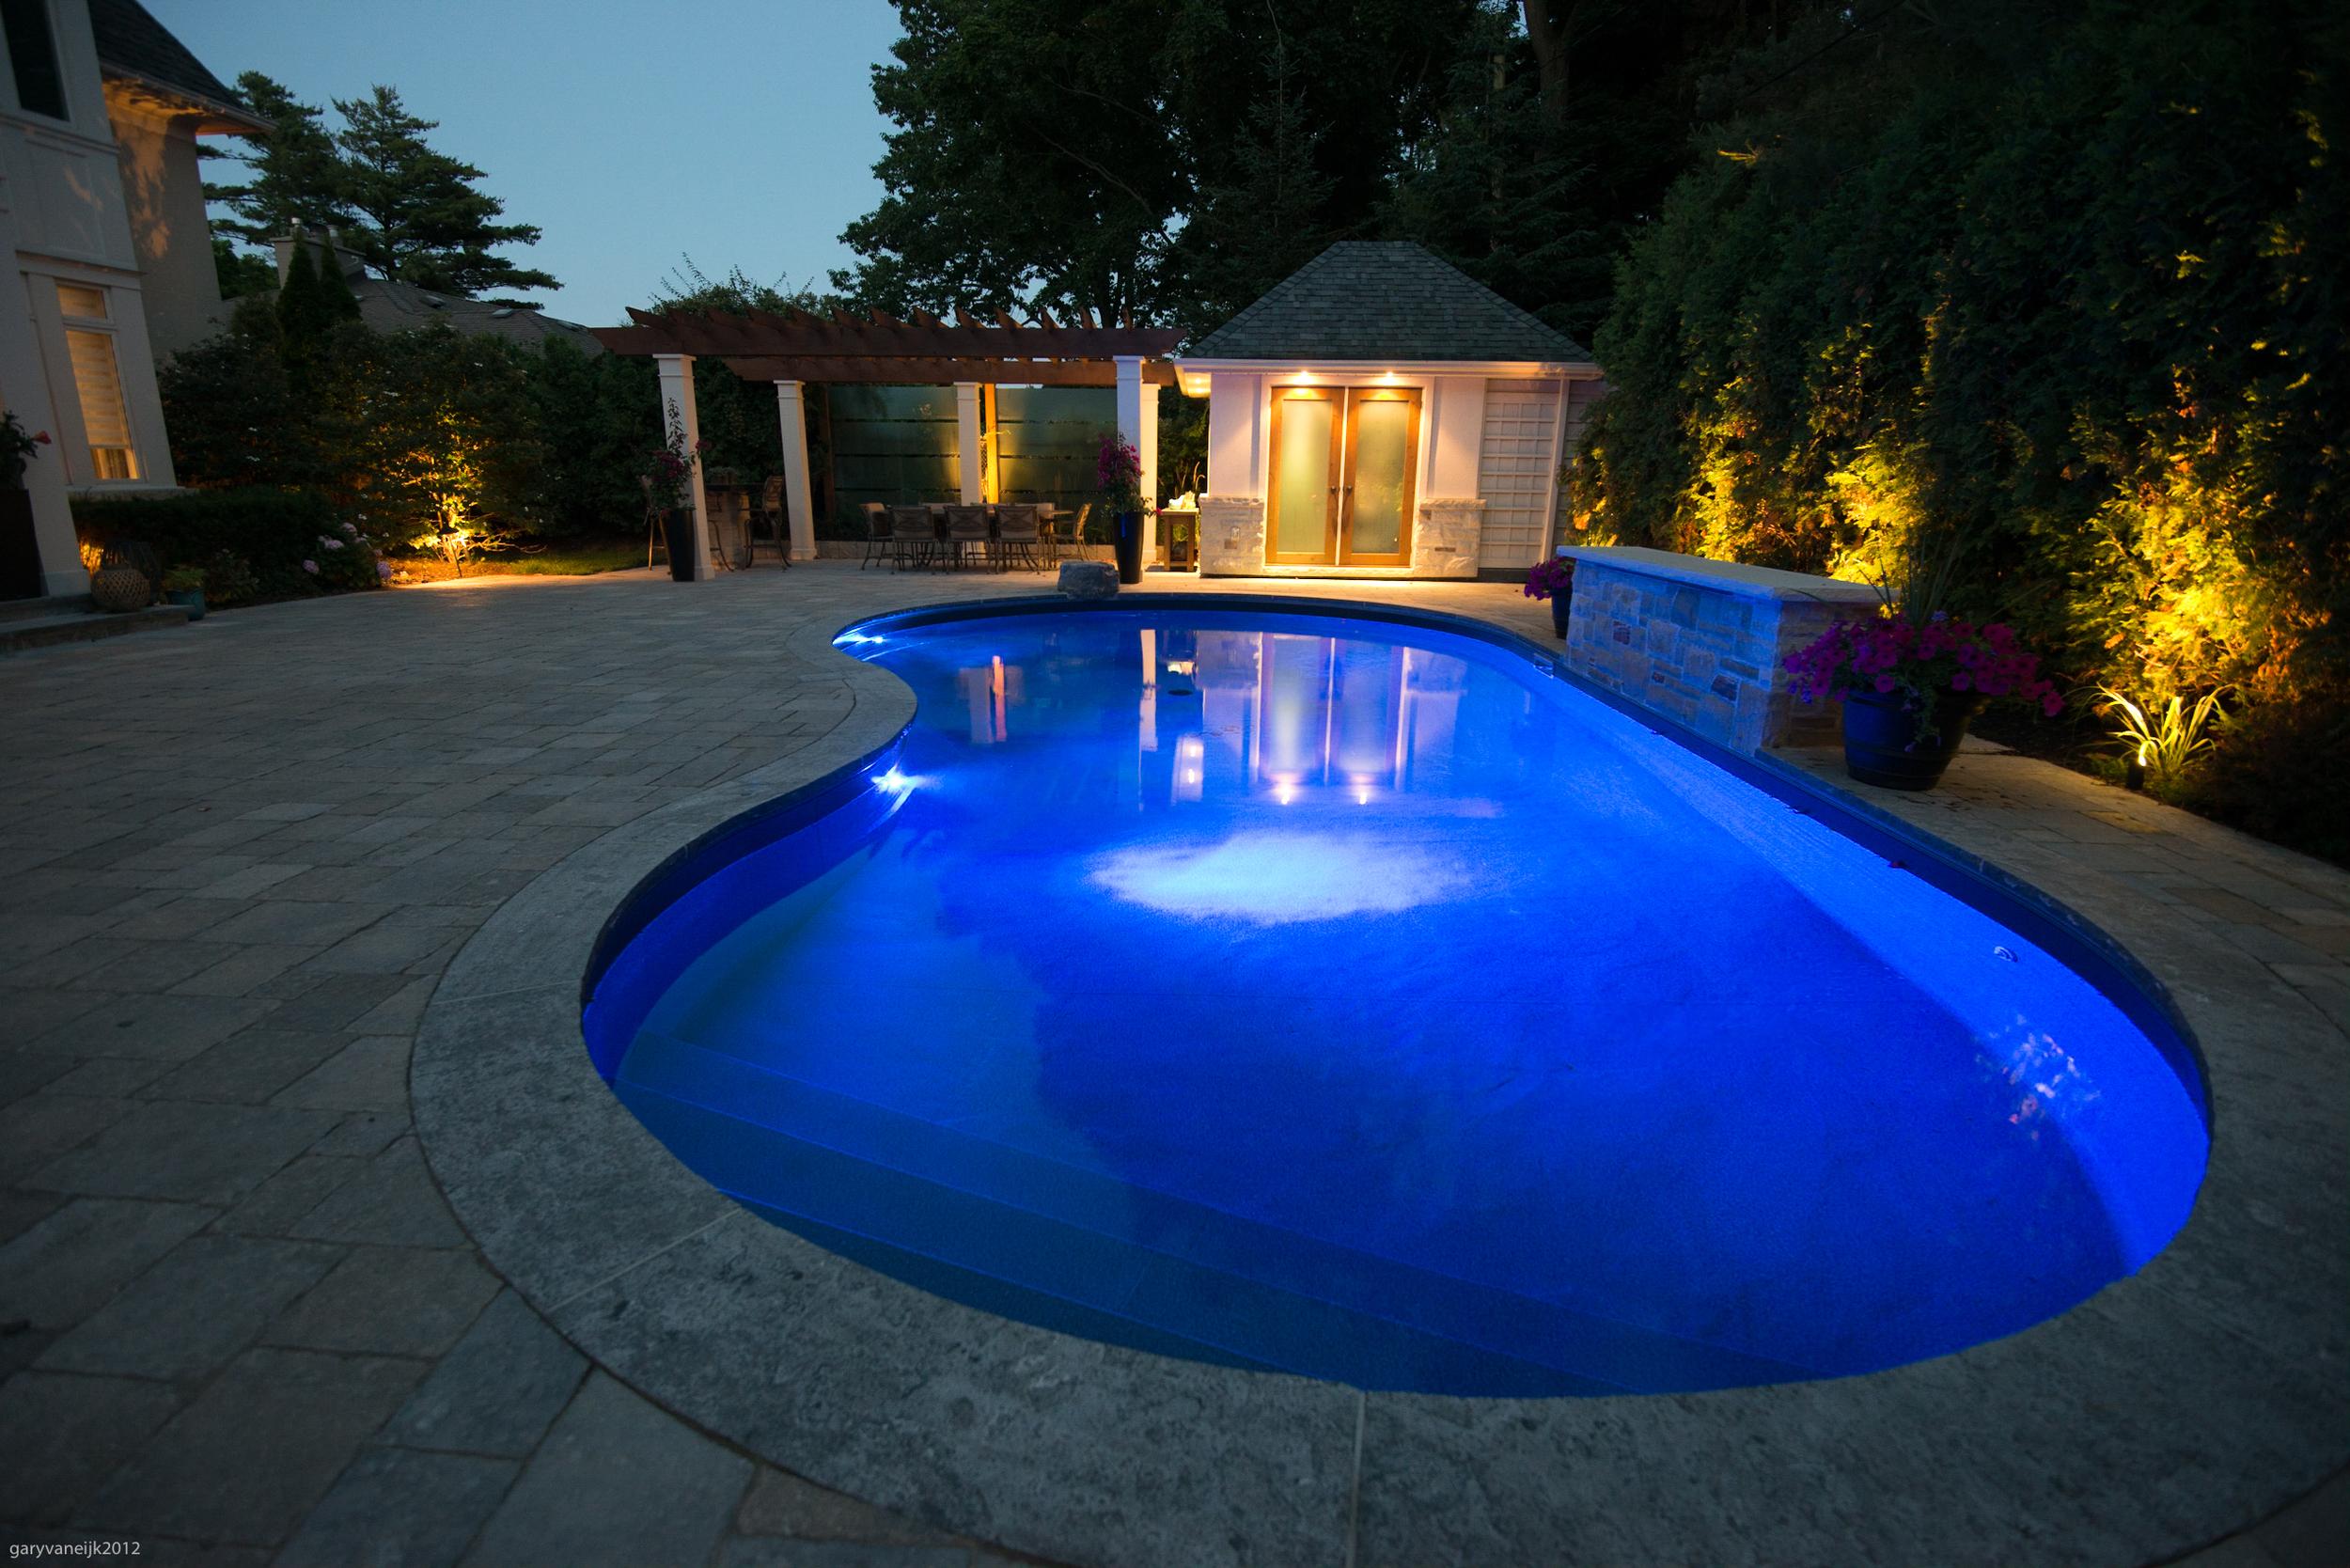 Renovated Pool at Night